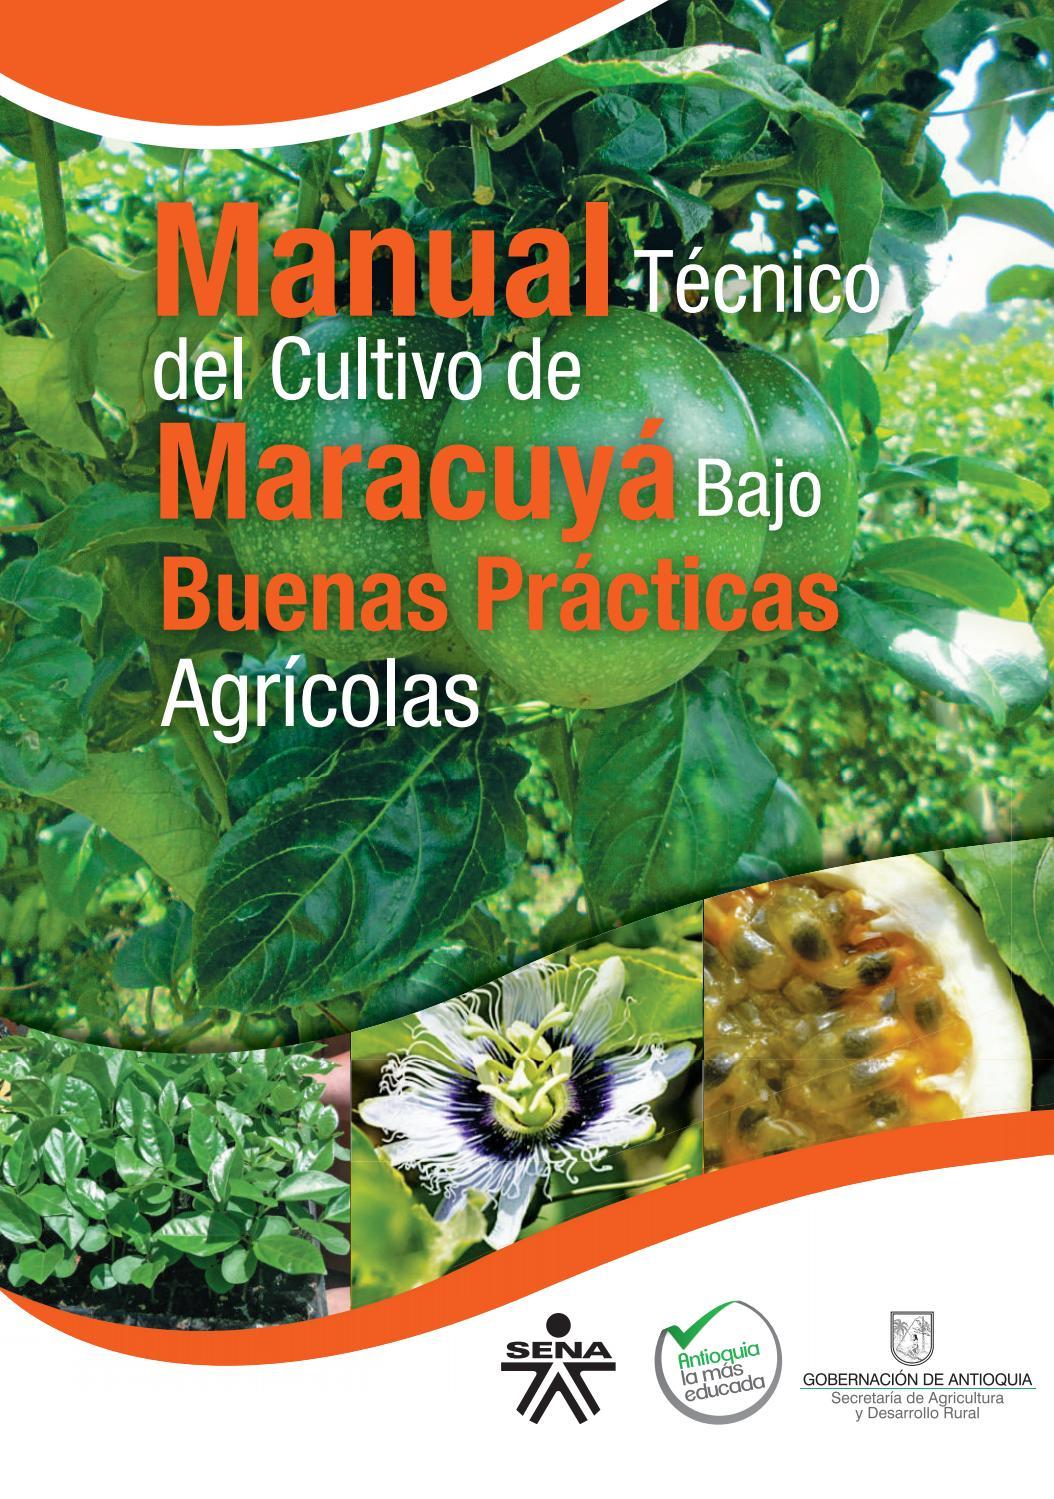 Manual de buenas practicas agricolas aguacate para